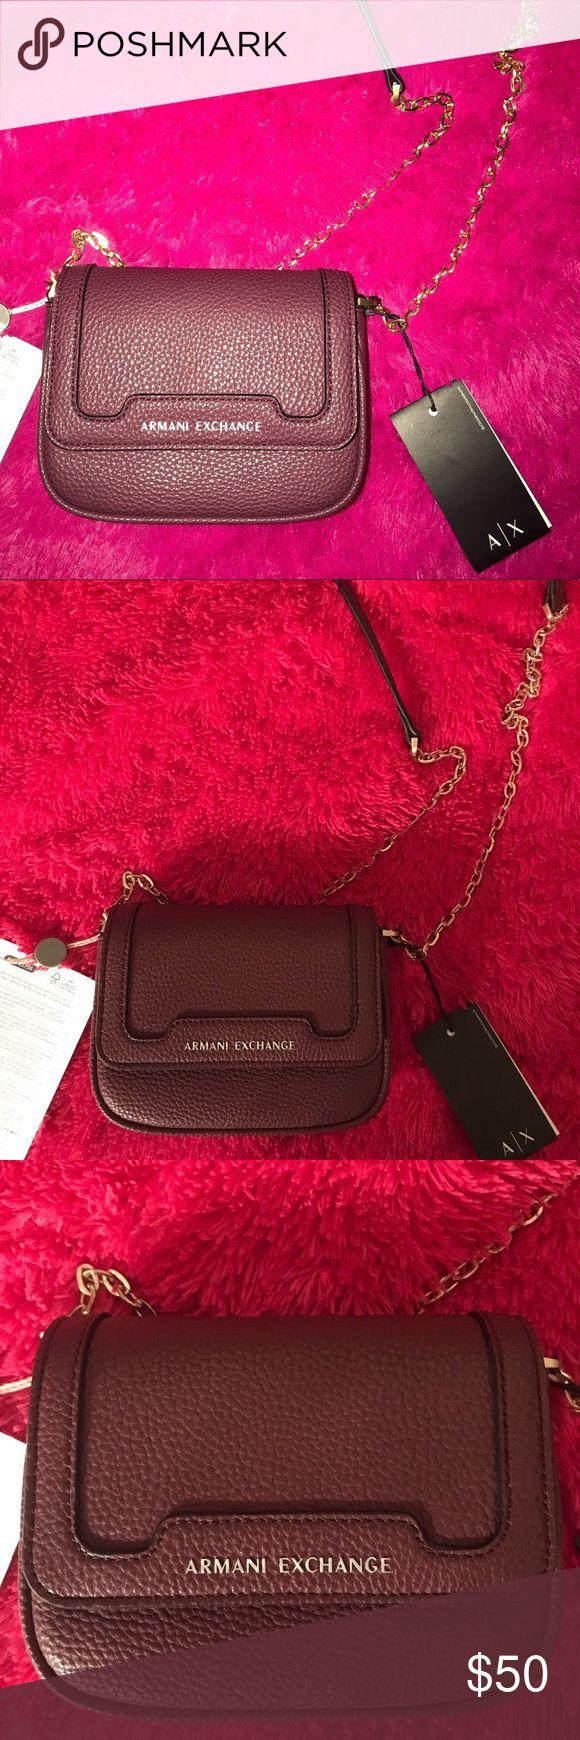 Armani exchange purse New Armani exchange purse Armani Exchange Bags Crossbody Bags